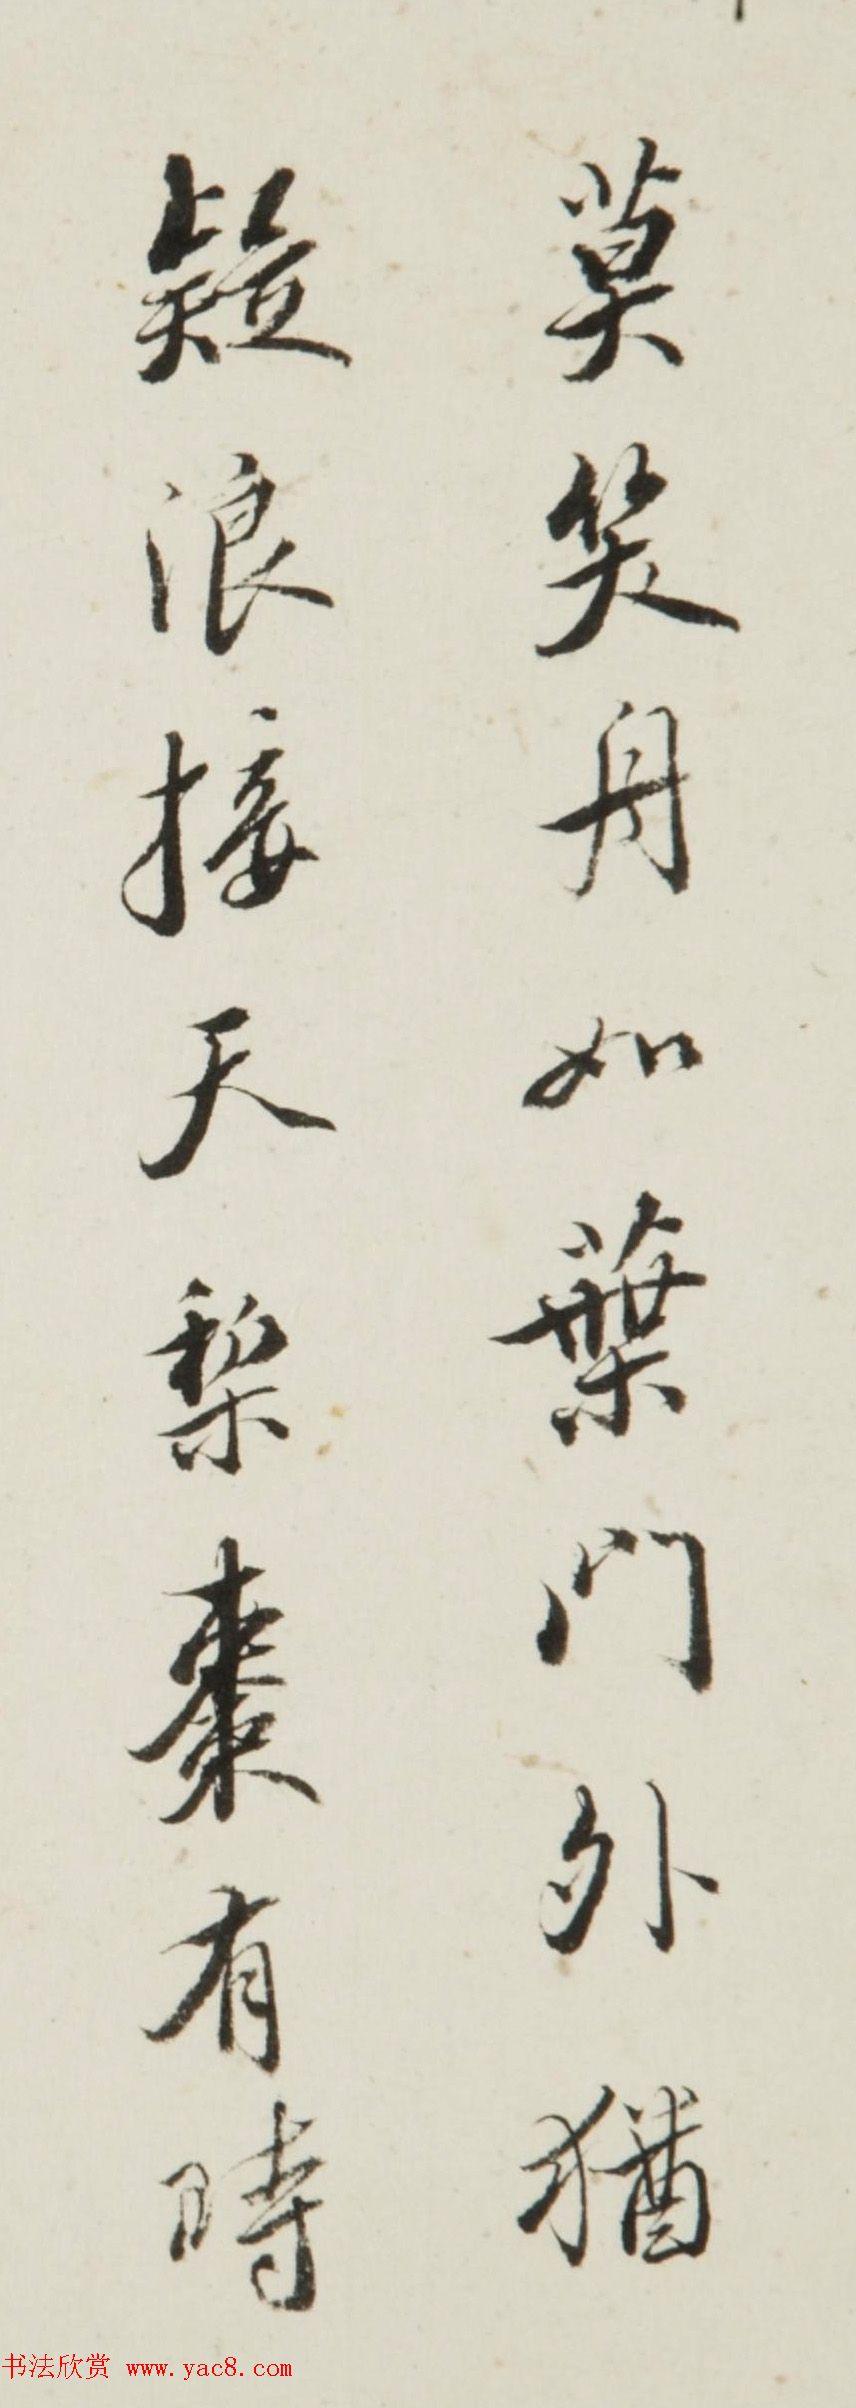 清代进士汤右曾行书册页《七律寄稿》